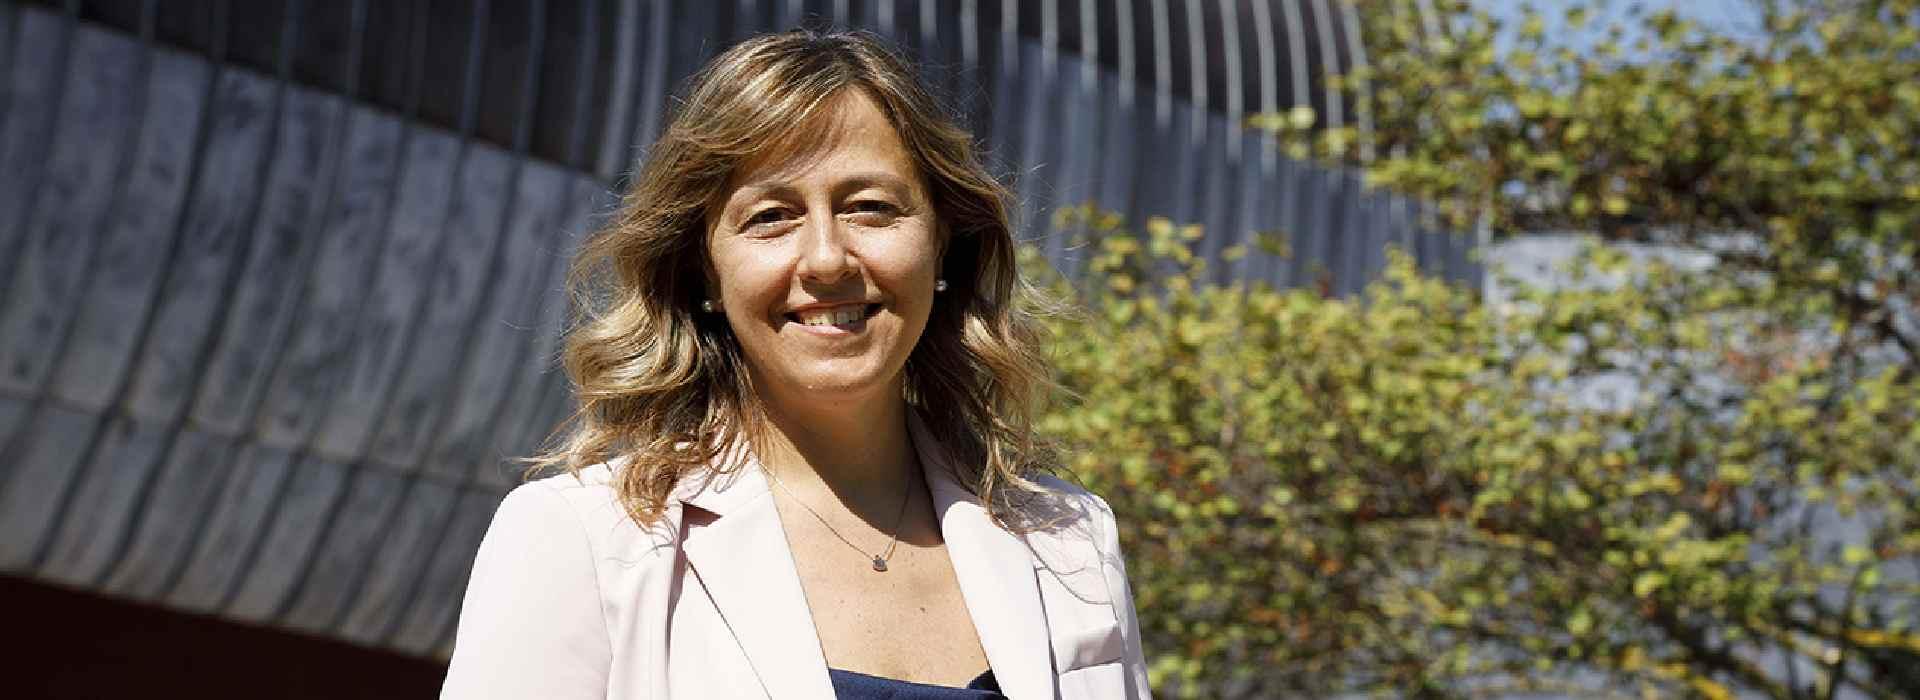 """Rai, la carriera folgorante di Claudia Mazzola. Anzaldi: """"un quadruplo scatto di carriera"""""""